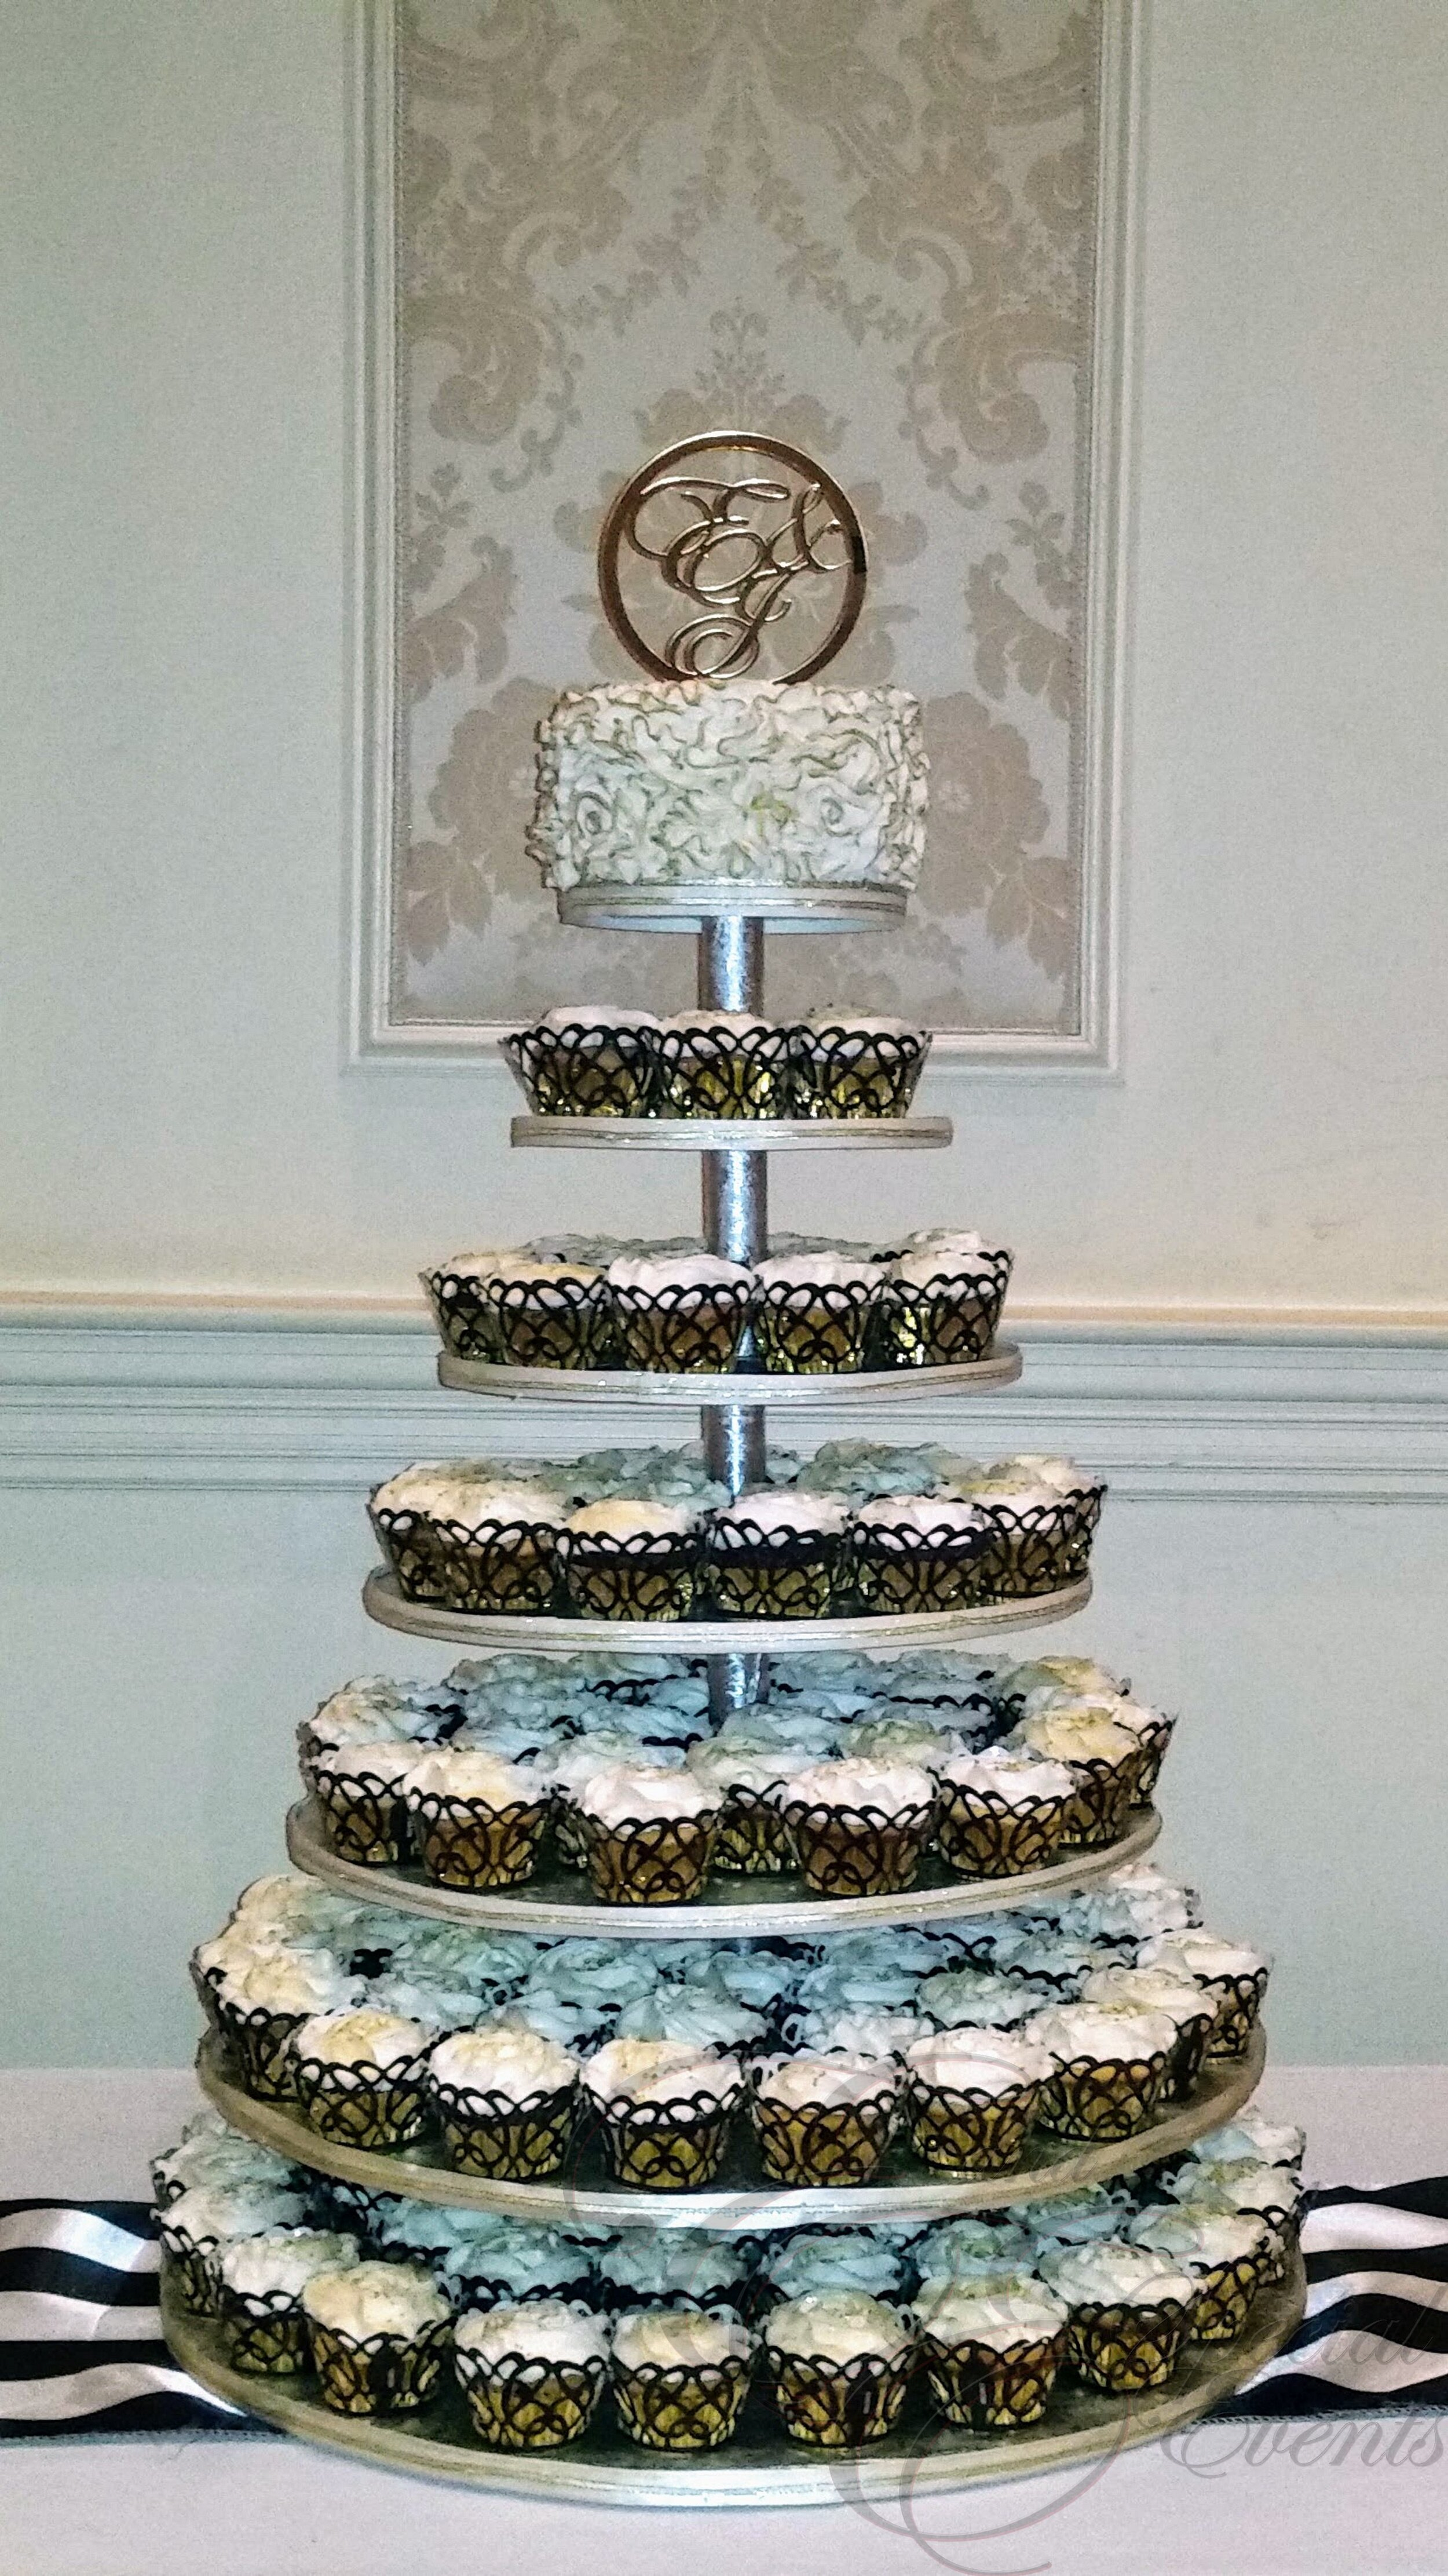 wedding_cakes_E_and_E_Special_Events_virginia_beach_35.jpg